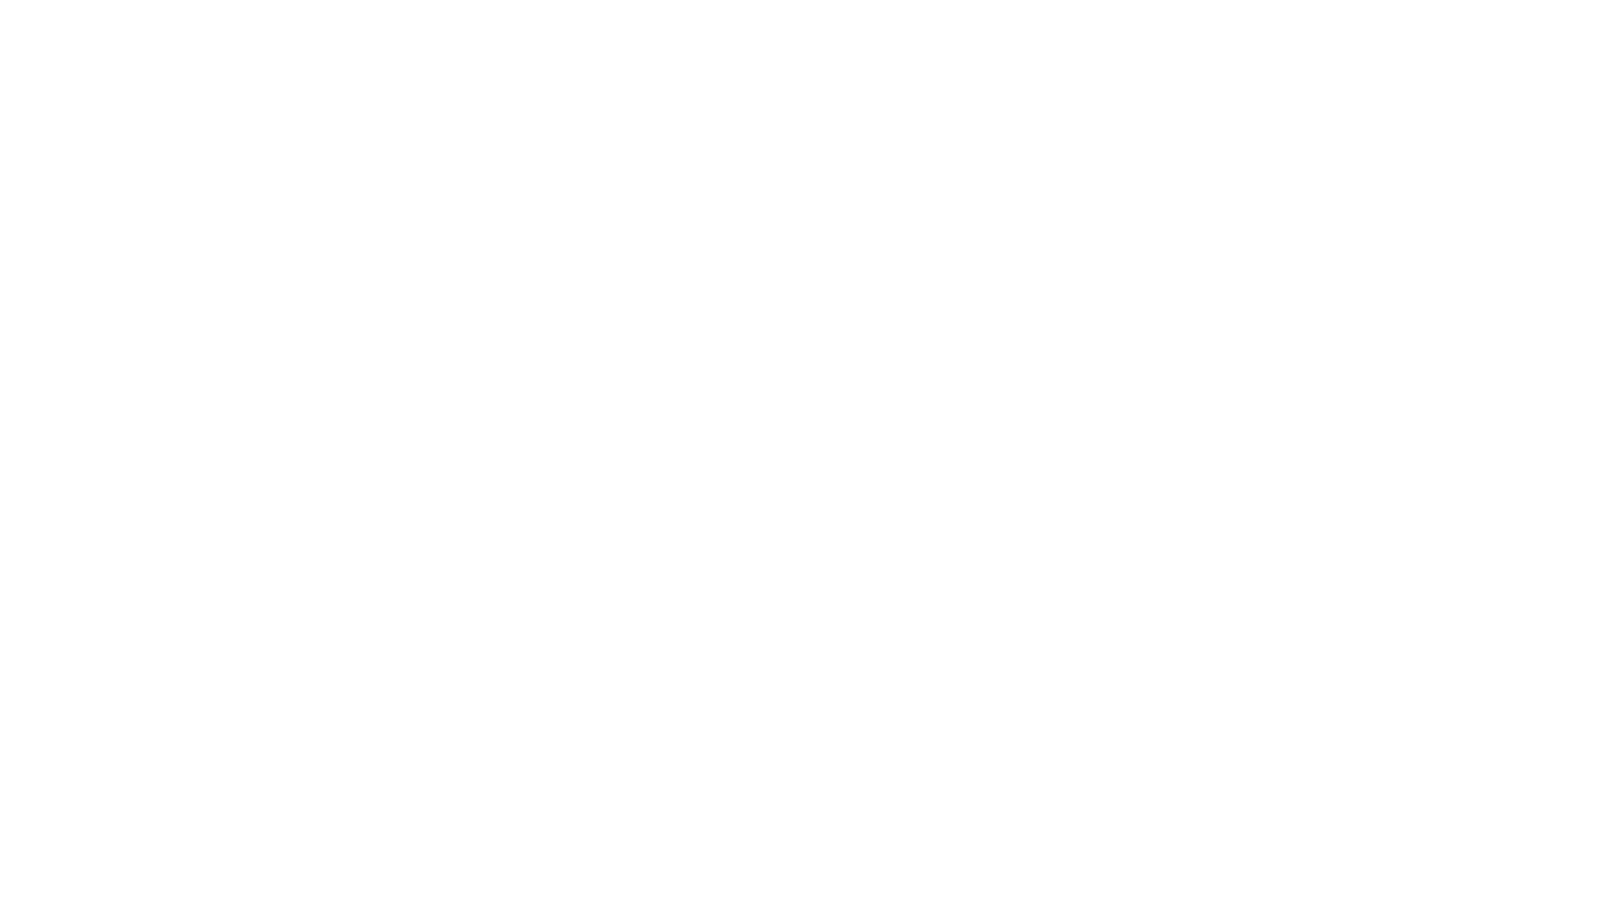 On lit des contenus en ligne sur NHK News Web Easy  ! Rediffusion de mes lives sur twitch. Aujourd'hui, on parle de la polémique concernant Uniqlo, qui utiliserait du coton issu du travail forcé des Ouigours. - Réservez un cours avec moi sur http://www.jonihongo.com - Retrouvez-moi sur instagram: http://www.instagram.com/jo.nihongo - Participez aux lives et posez vos questions sur twitch: http://twitch.tv/jonihongo L'article d'aujourd'hui: https://www3.nhk.or.jp/news/easy/k10013040661000/k10013040661000.html NB: je ne suis pas partenaire de NHK